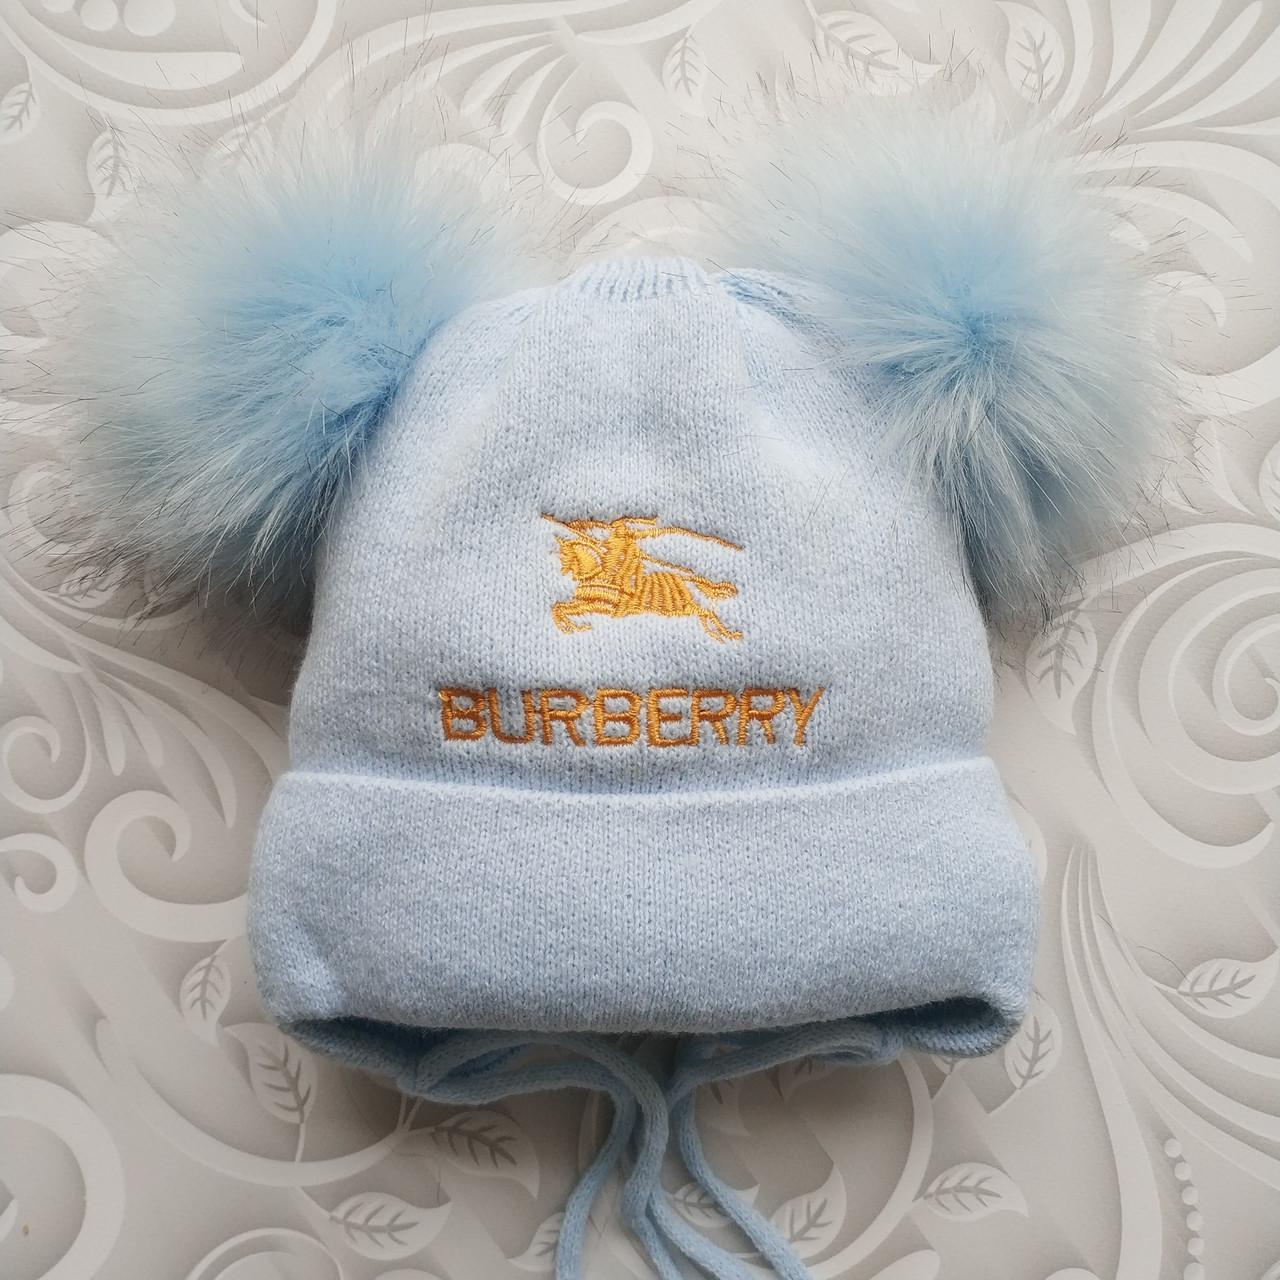 Шапка зимняя детская 9мес -2г Burberry с бубонами